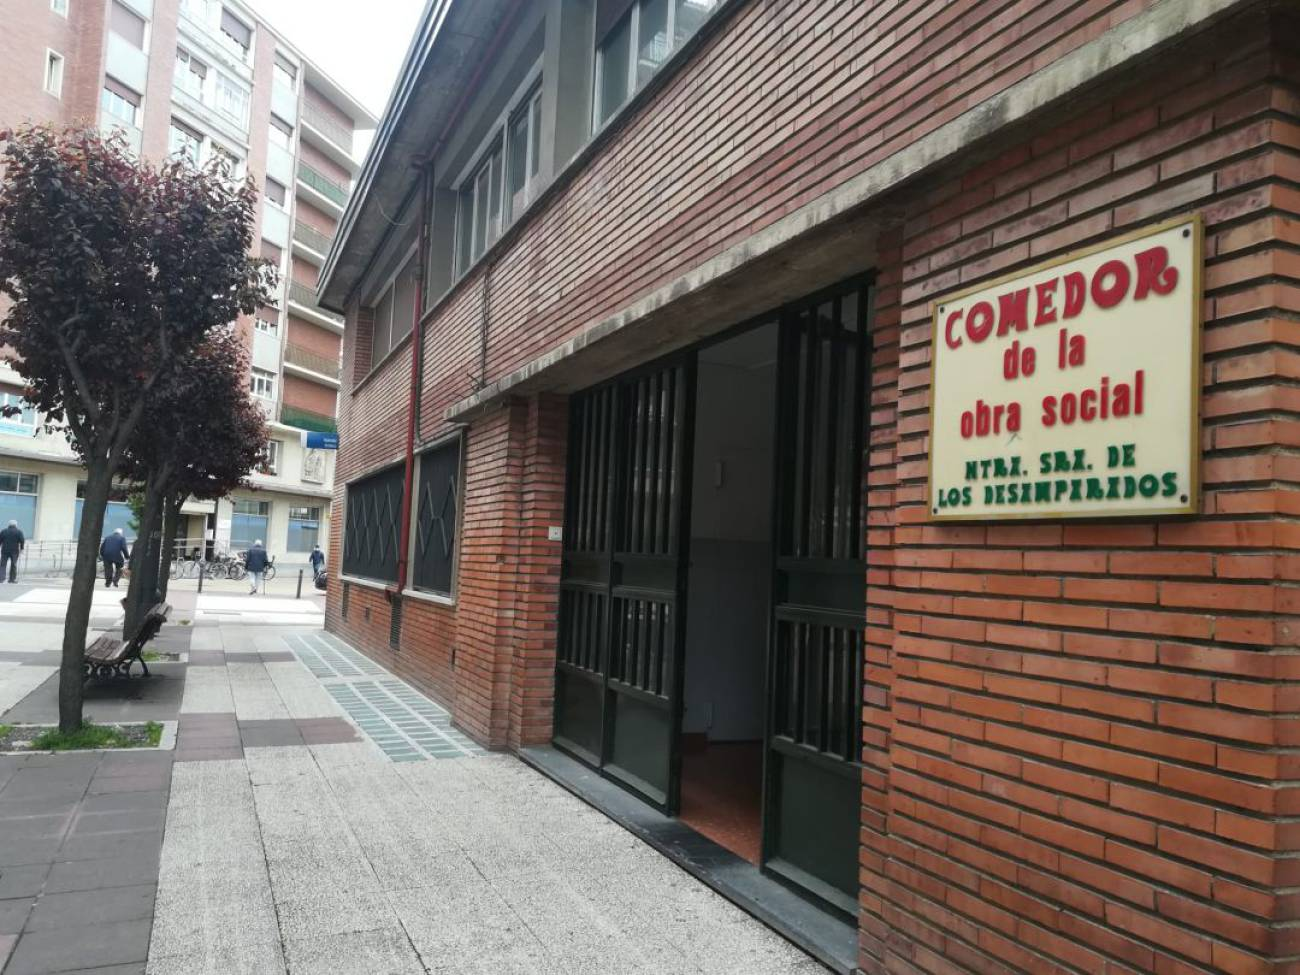 1619527714_493081_1619528042_noticia_normal_recorte1